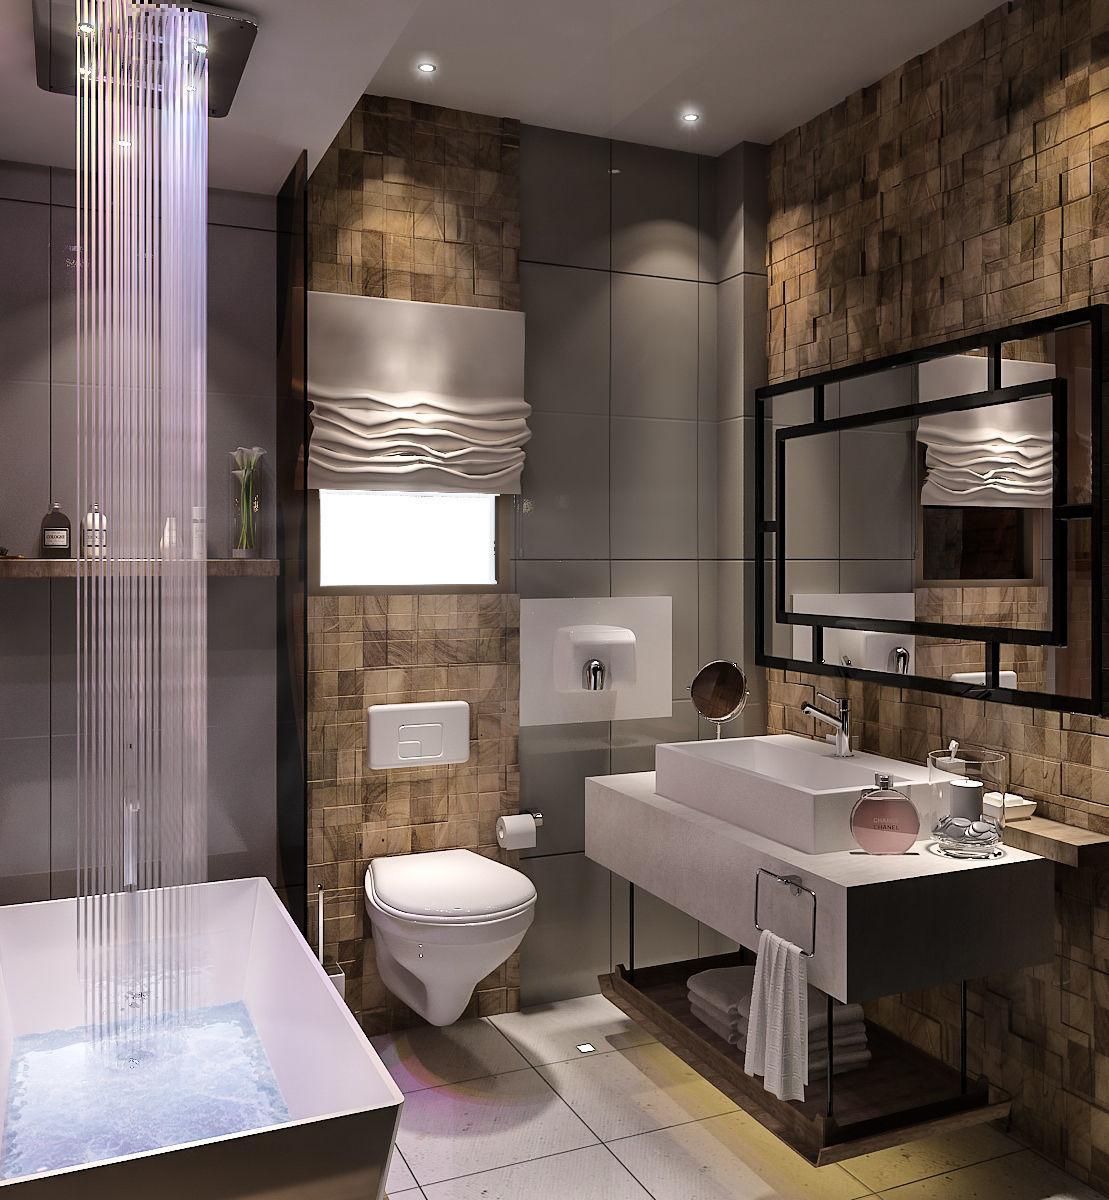 Bathroom Modern desing with stone walls 3D model on Bathroom Model  id=53660